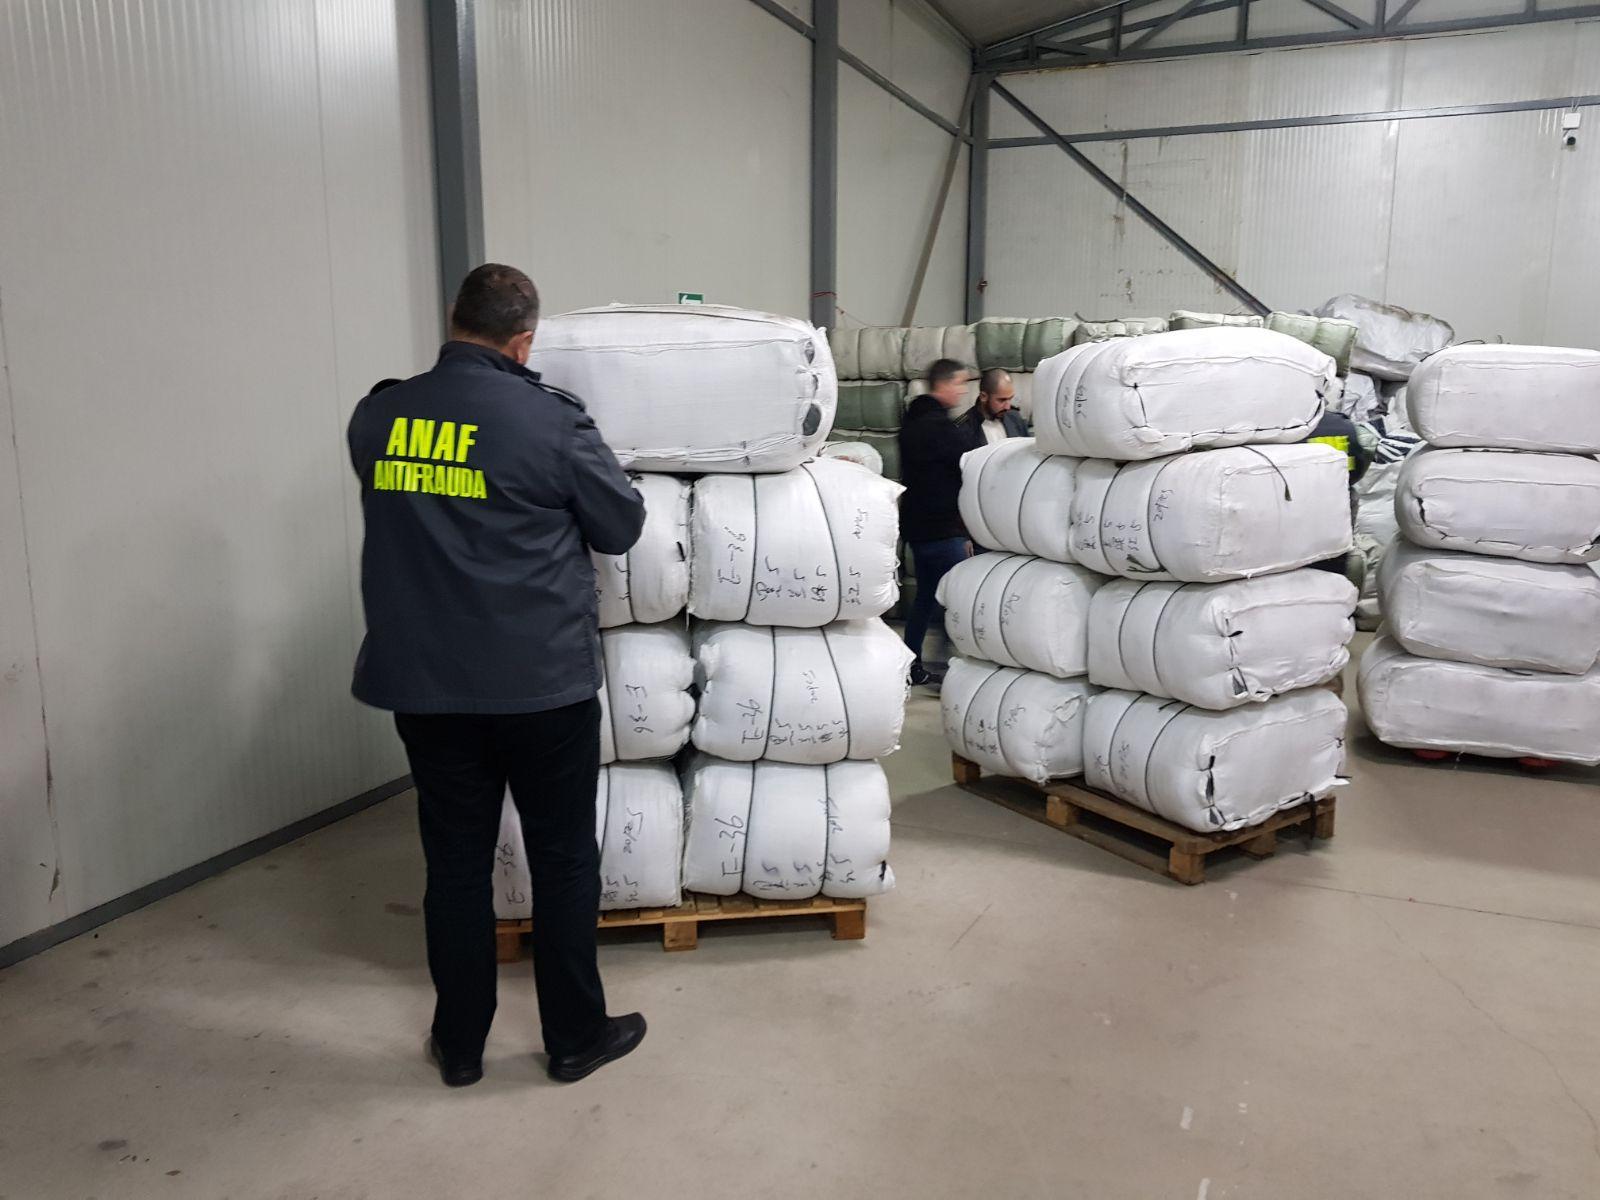 Inspectorii antifraudă au confiscat haine în valoare de peste 1,75 milioane de lei | FOTO